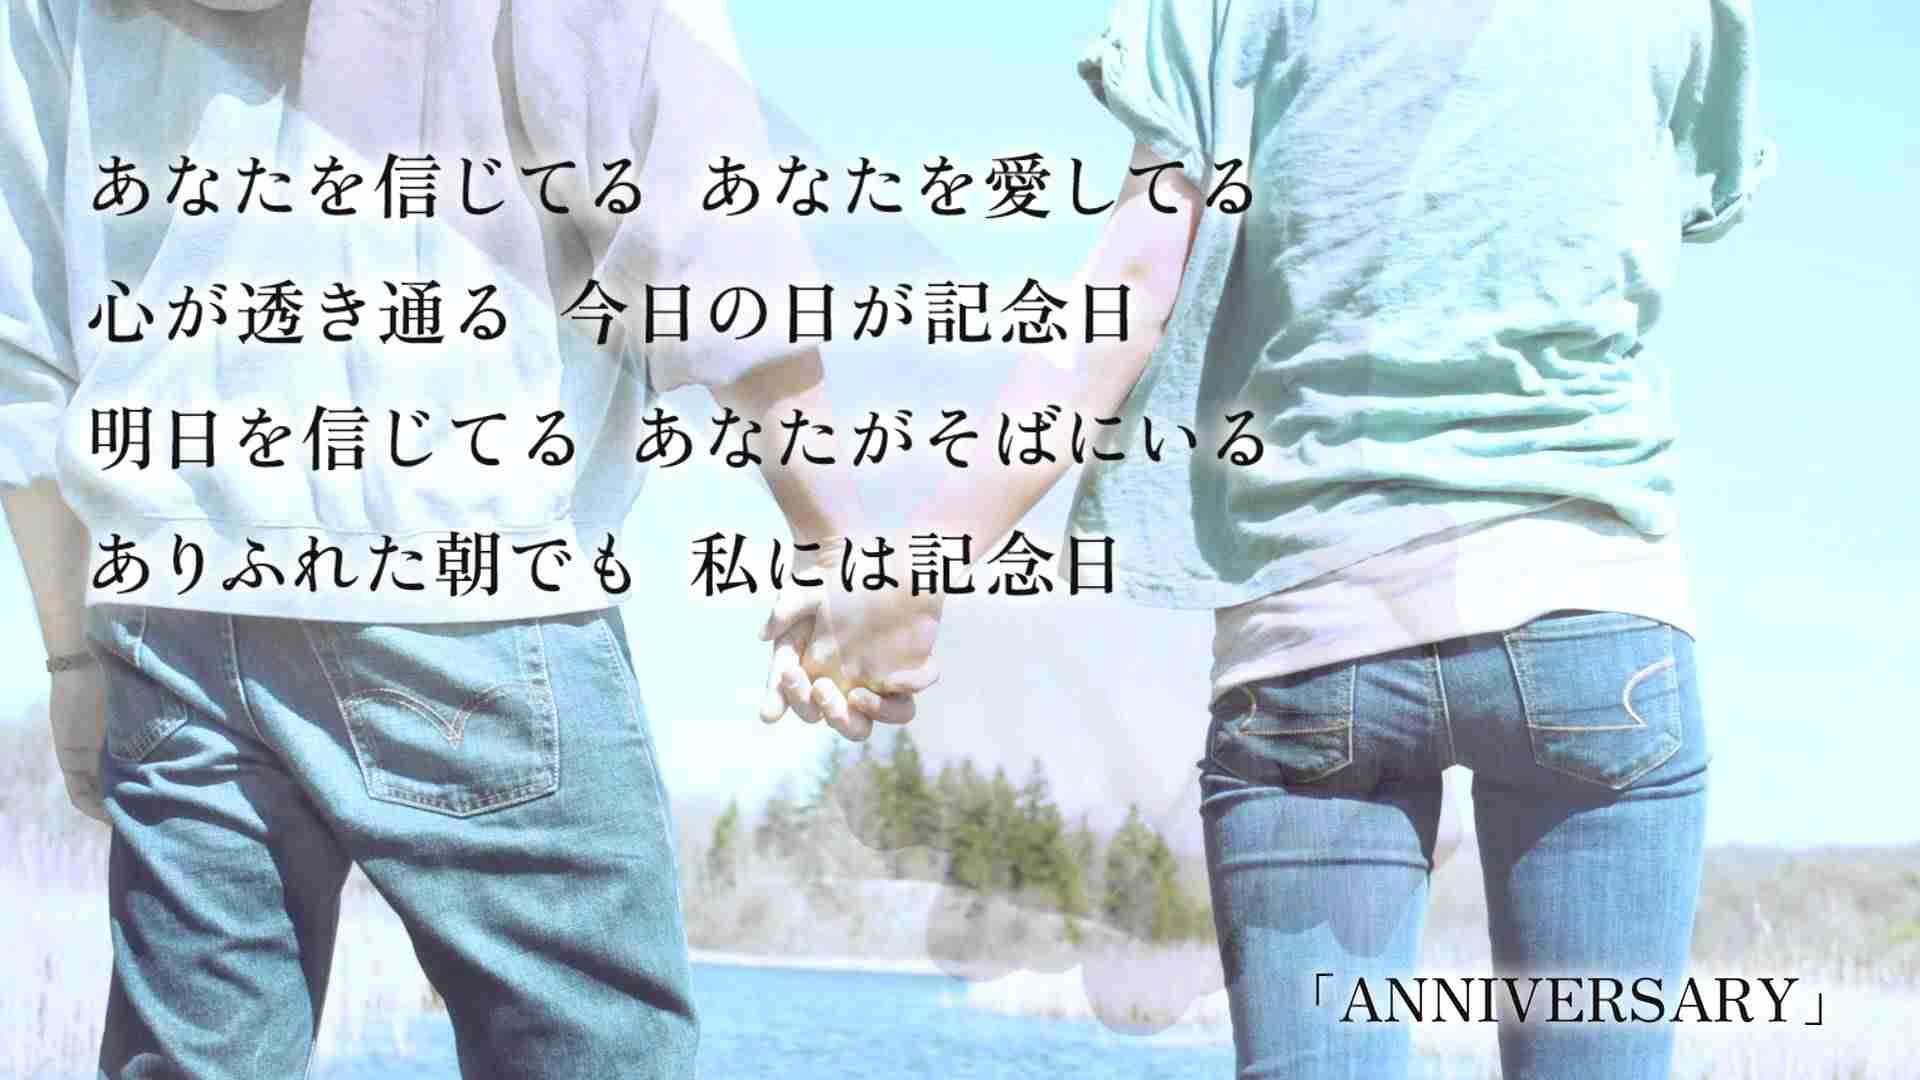 松任谷由実 - ANNIVERSARY (from「日本の恋と、ユーミンと。」) - YouTube